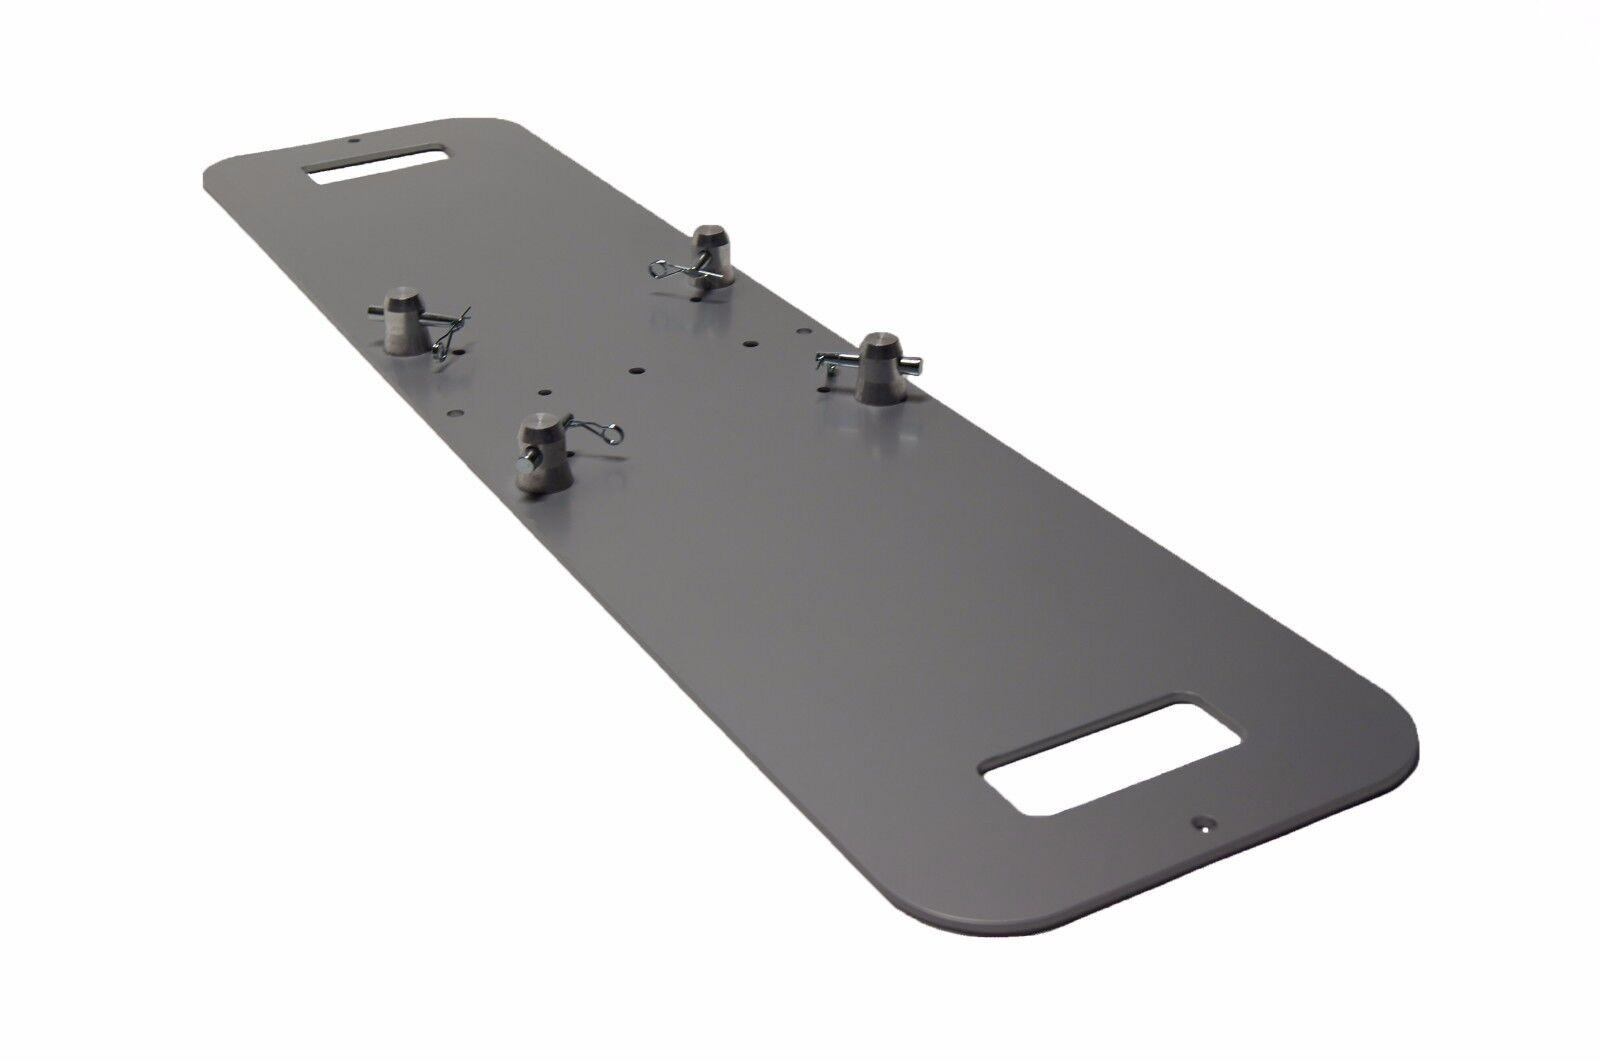 12 X 48 Silber Steel Base Plate passt zu Global Truss F23 F24 F33, F34 SQ und anderen